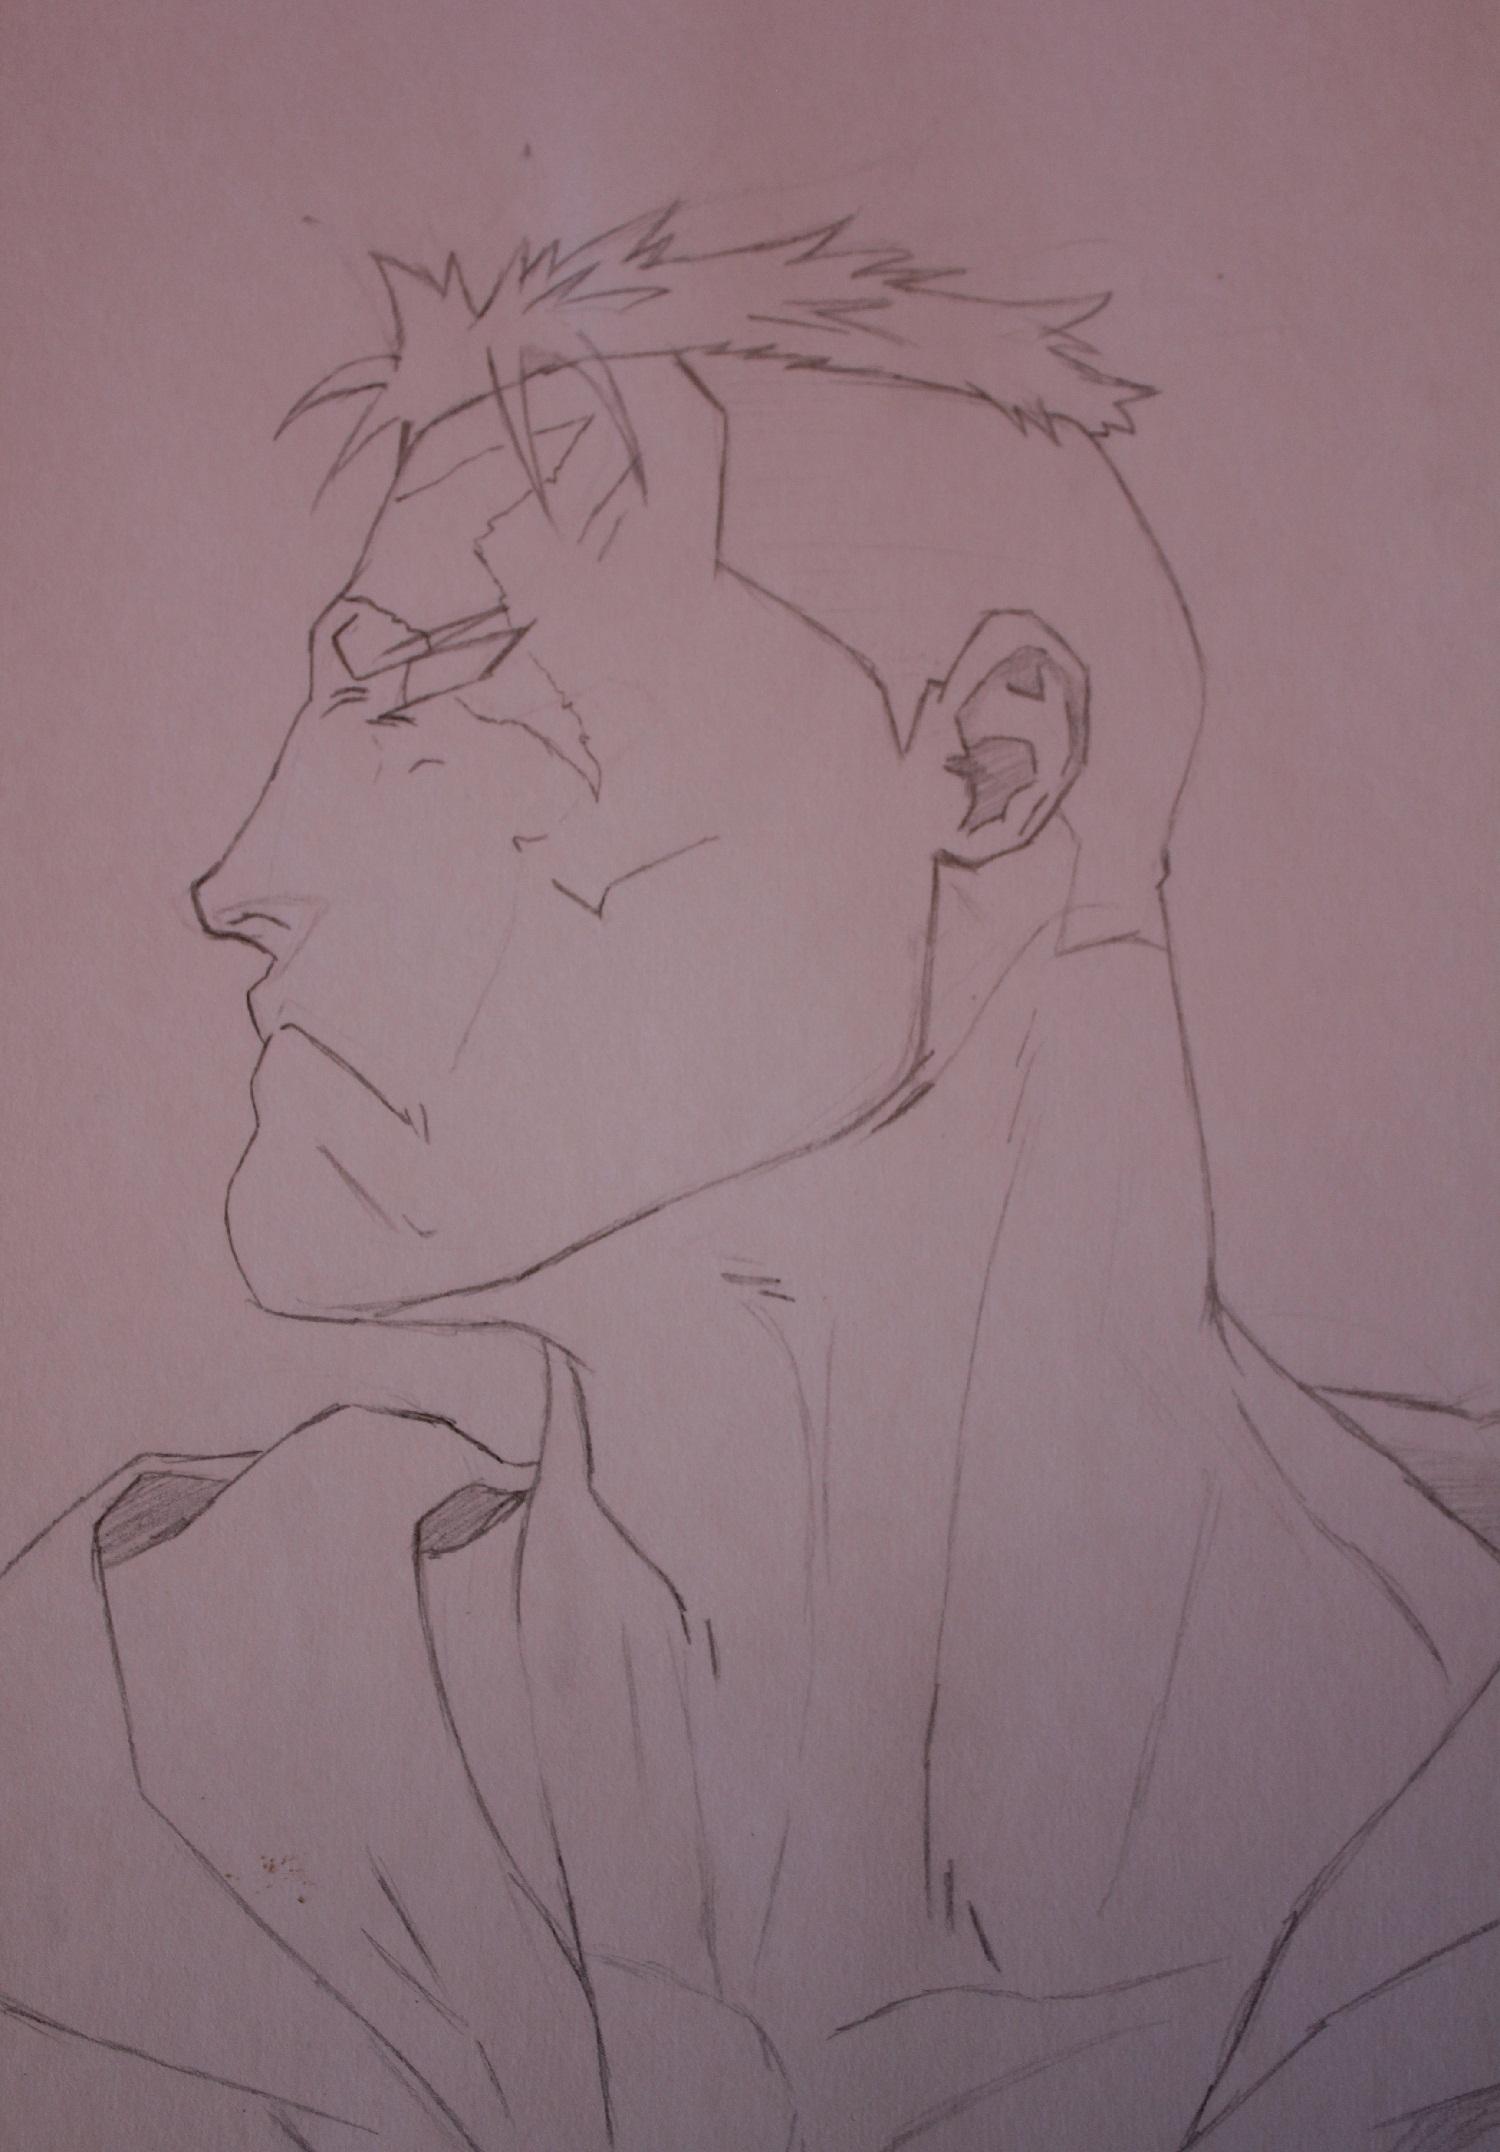 Draft: scar